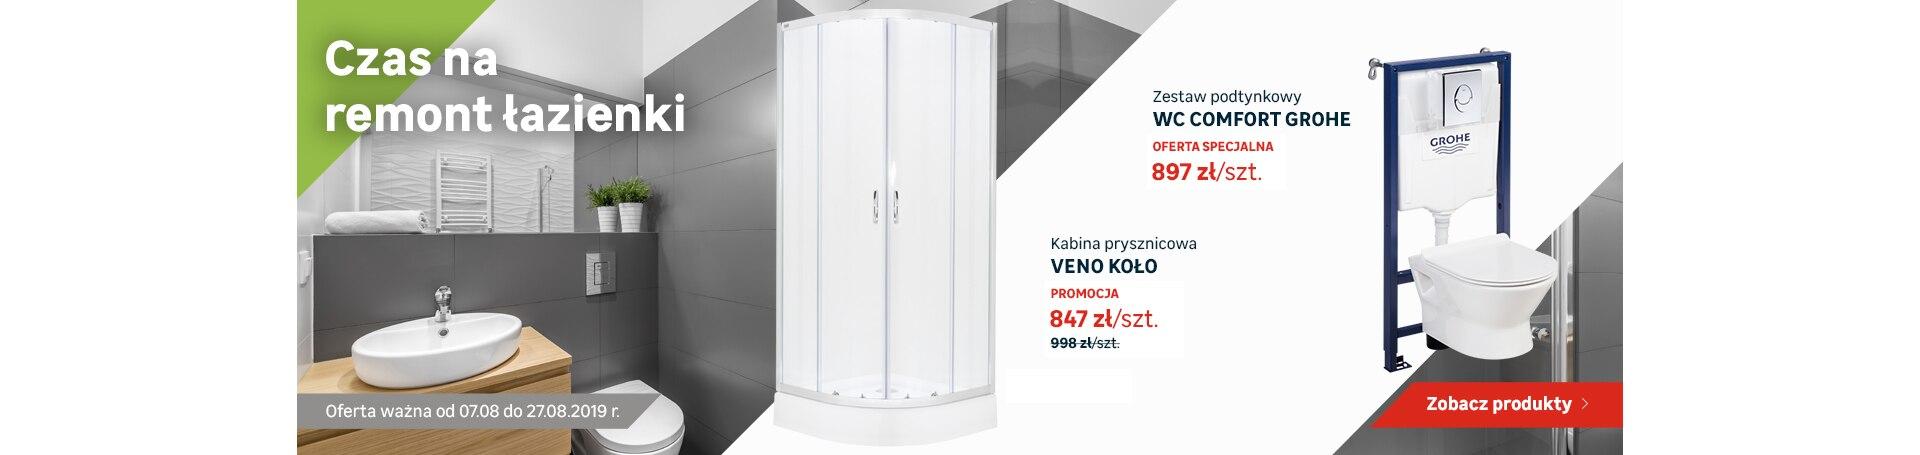 ps-lazienka-07-27.08.2019-1323x455